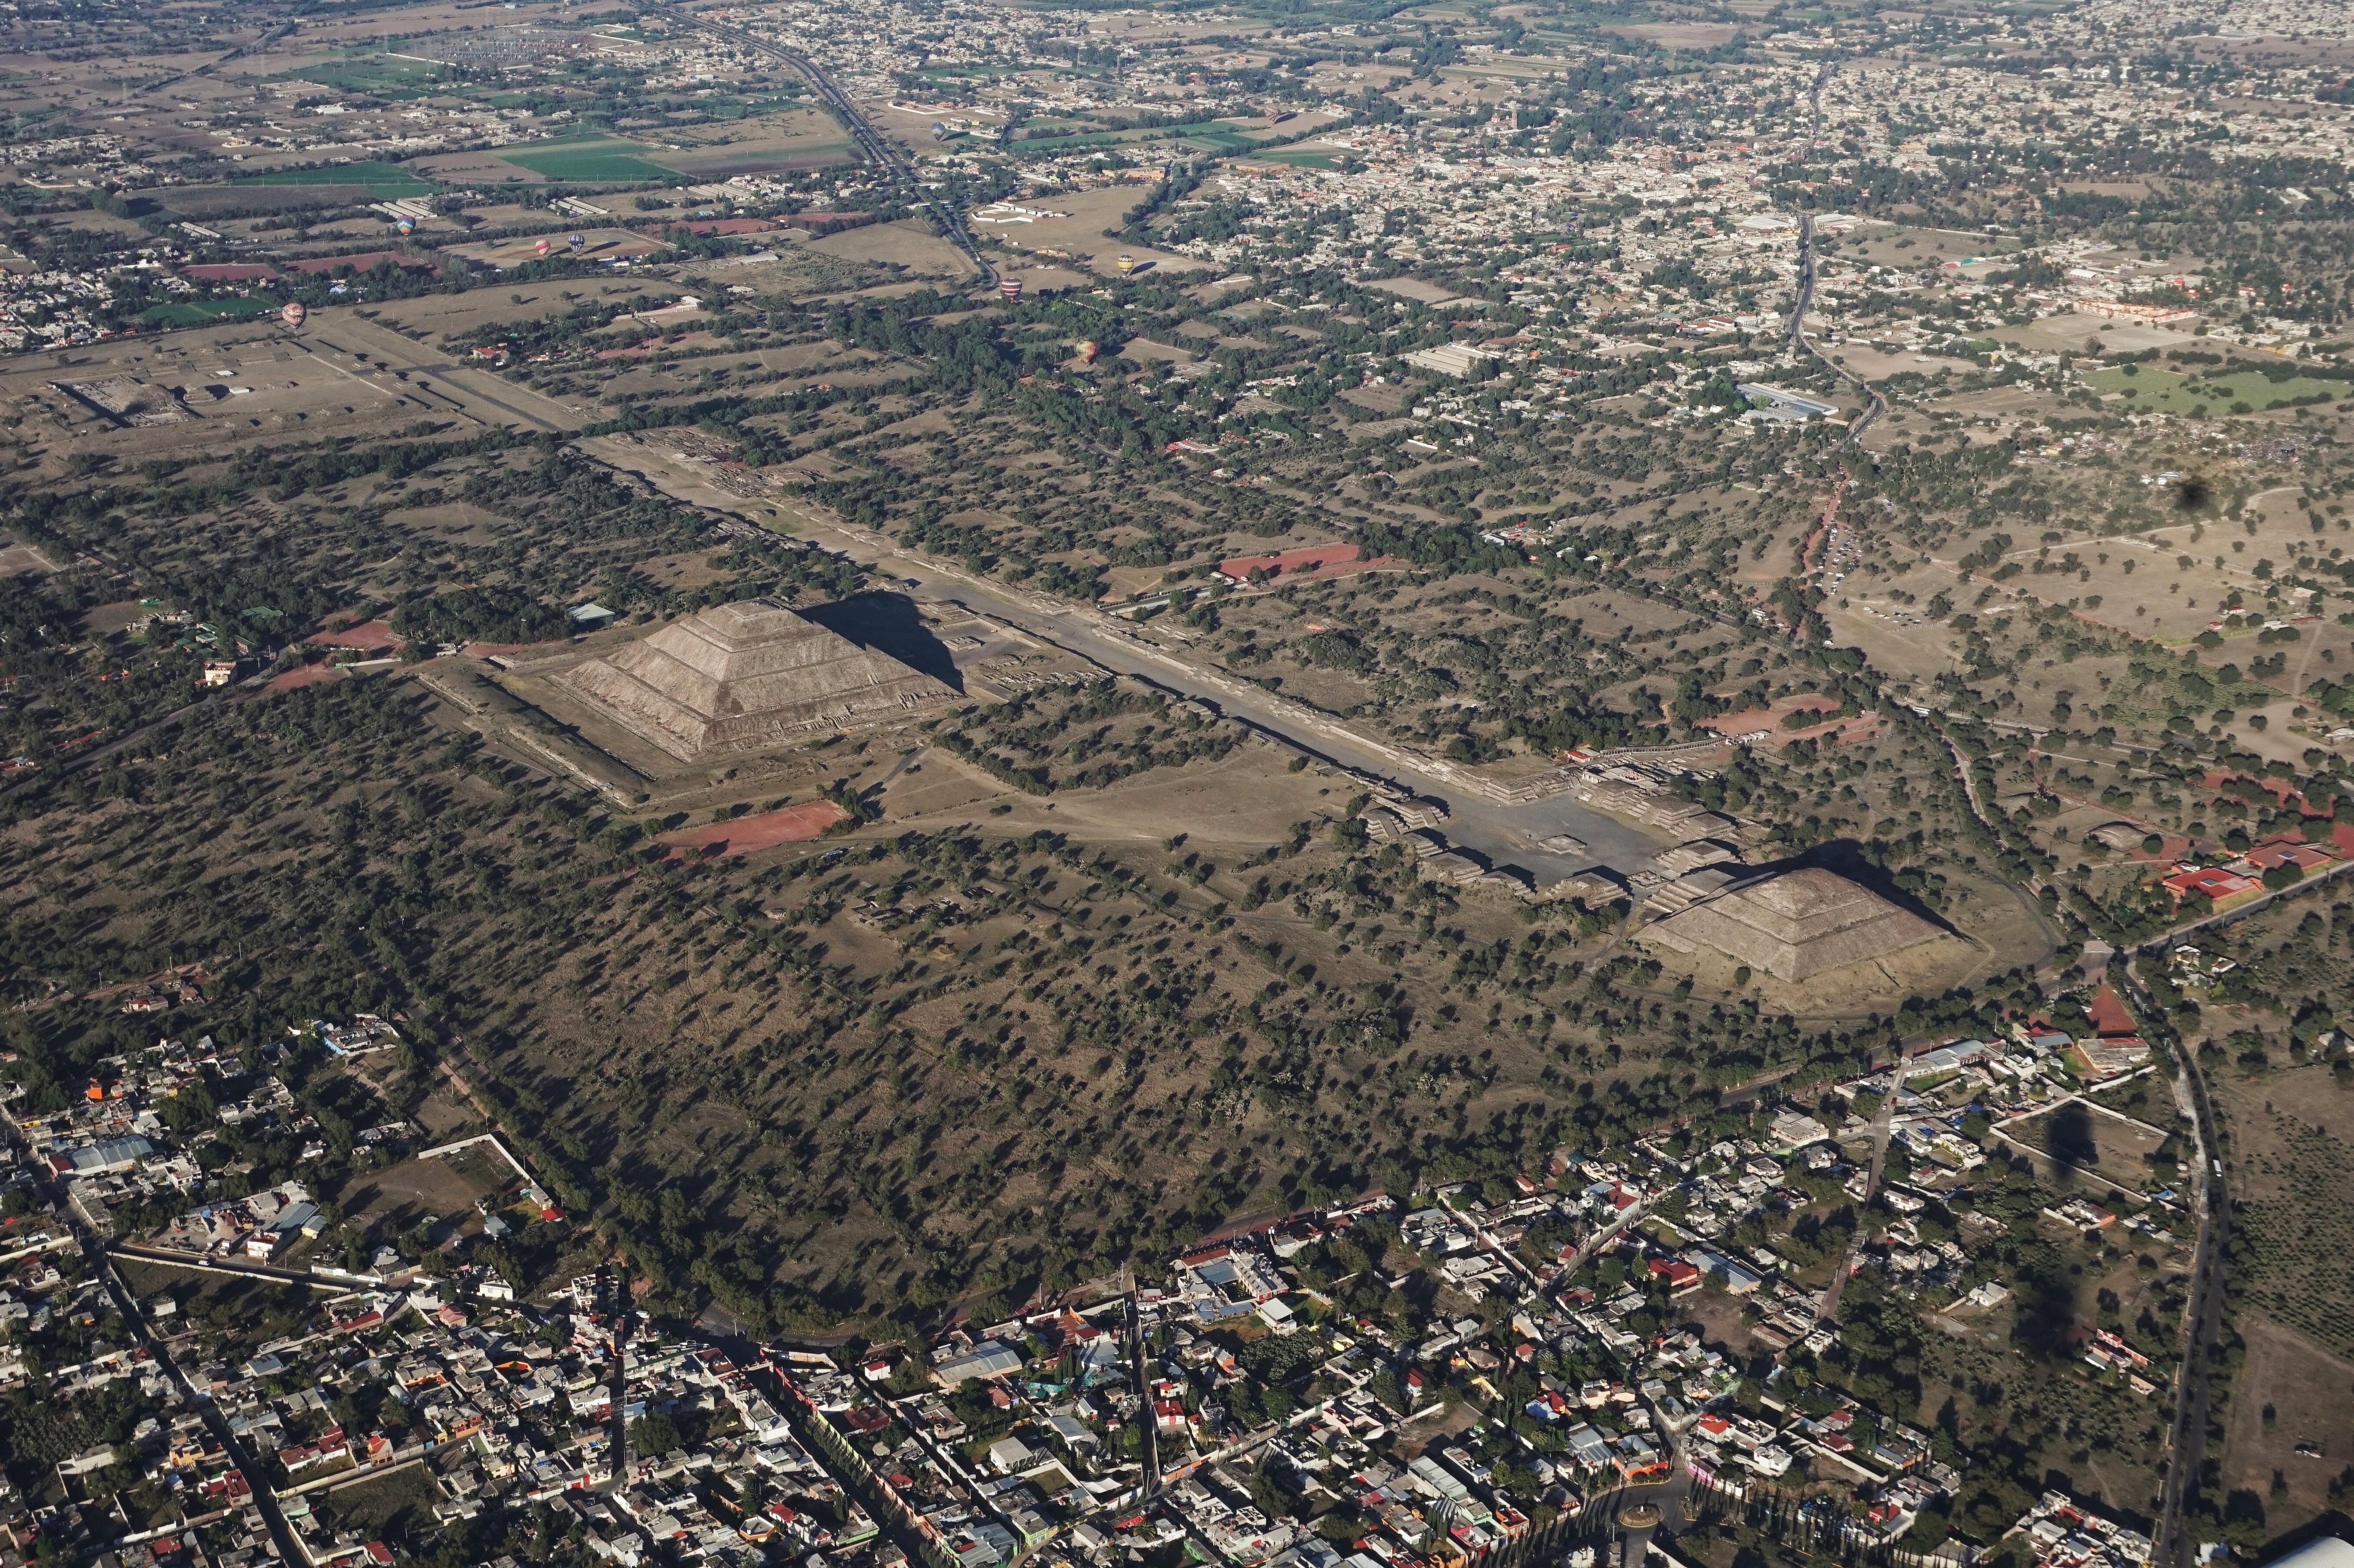 Teotihuacán do topo